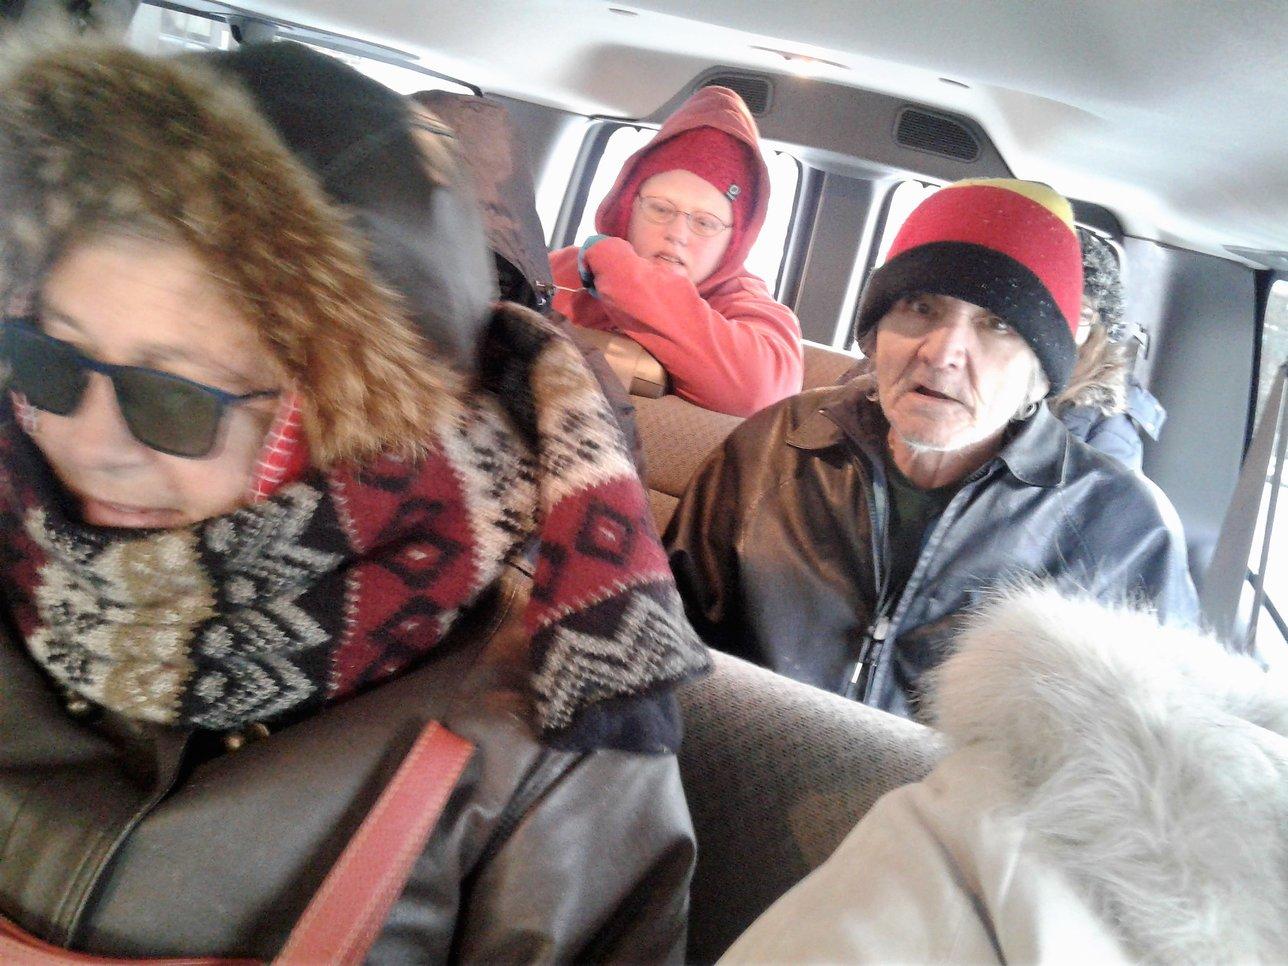 Residents inside new van for 1st time, Jan. 5, 2018